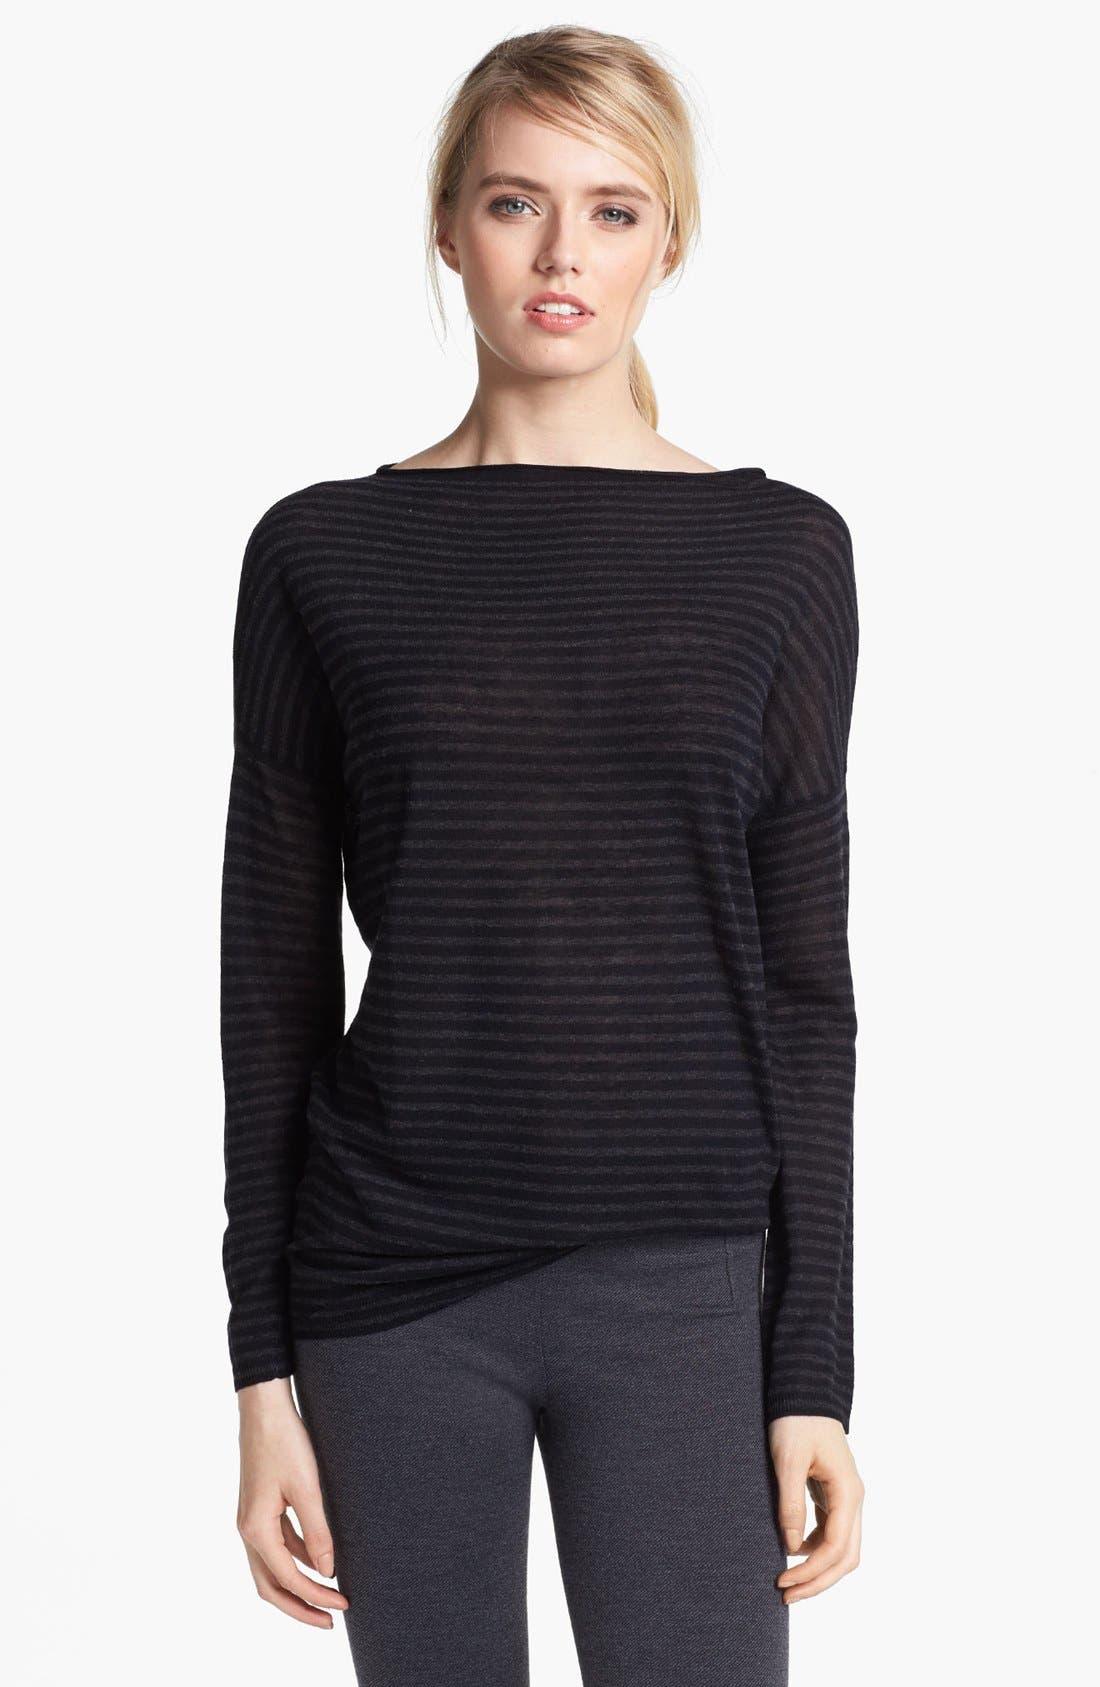 Alternate Image 1 Selected - Vince Stripe Boatneck Sweater